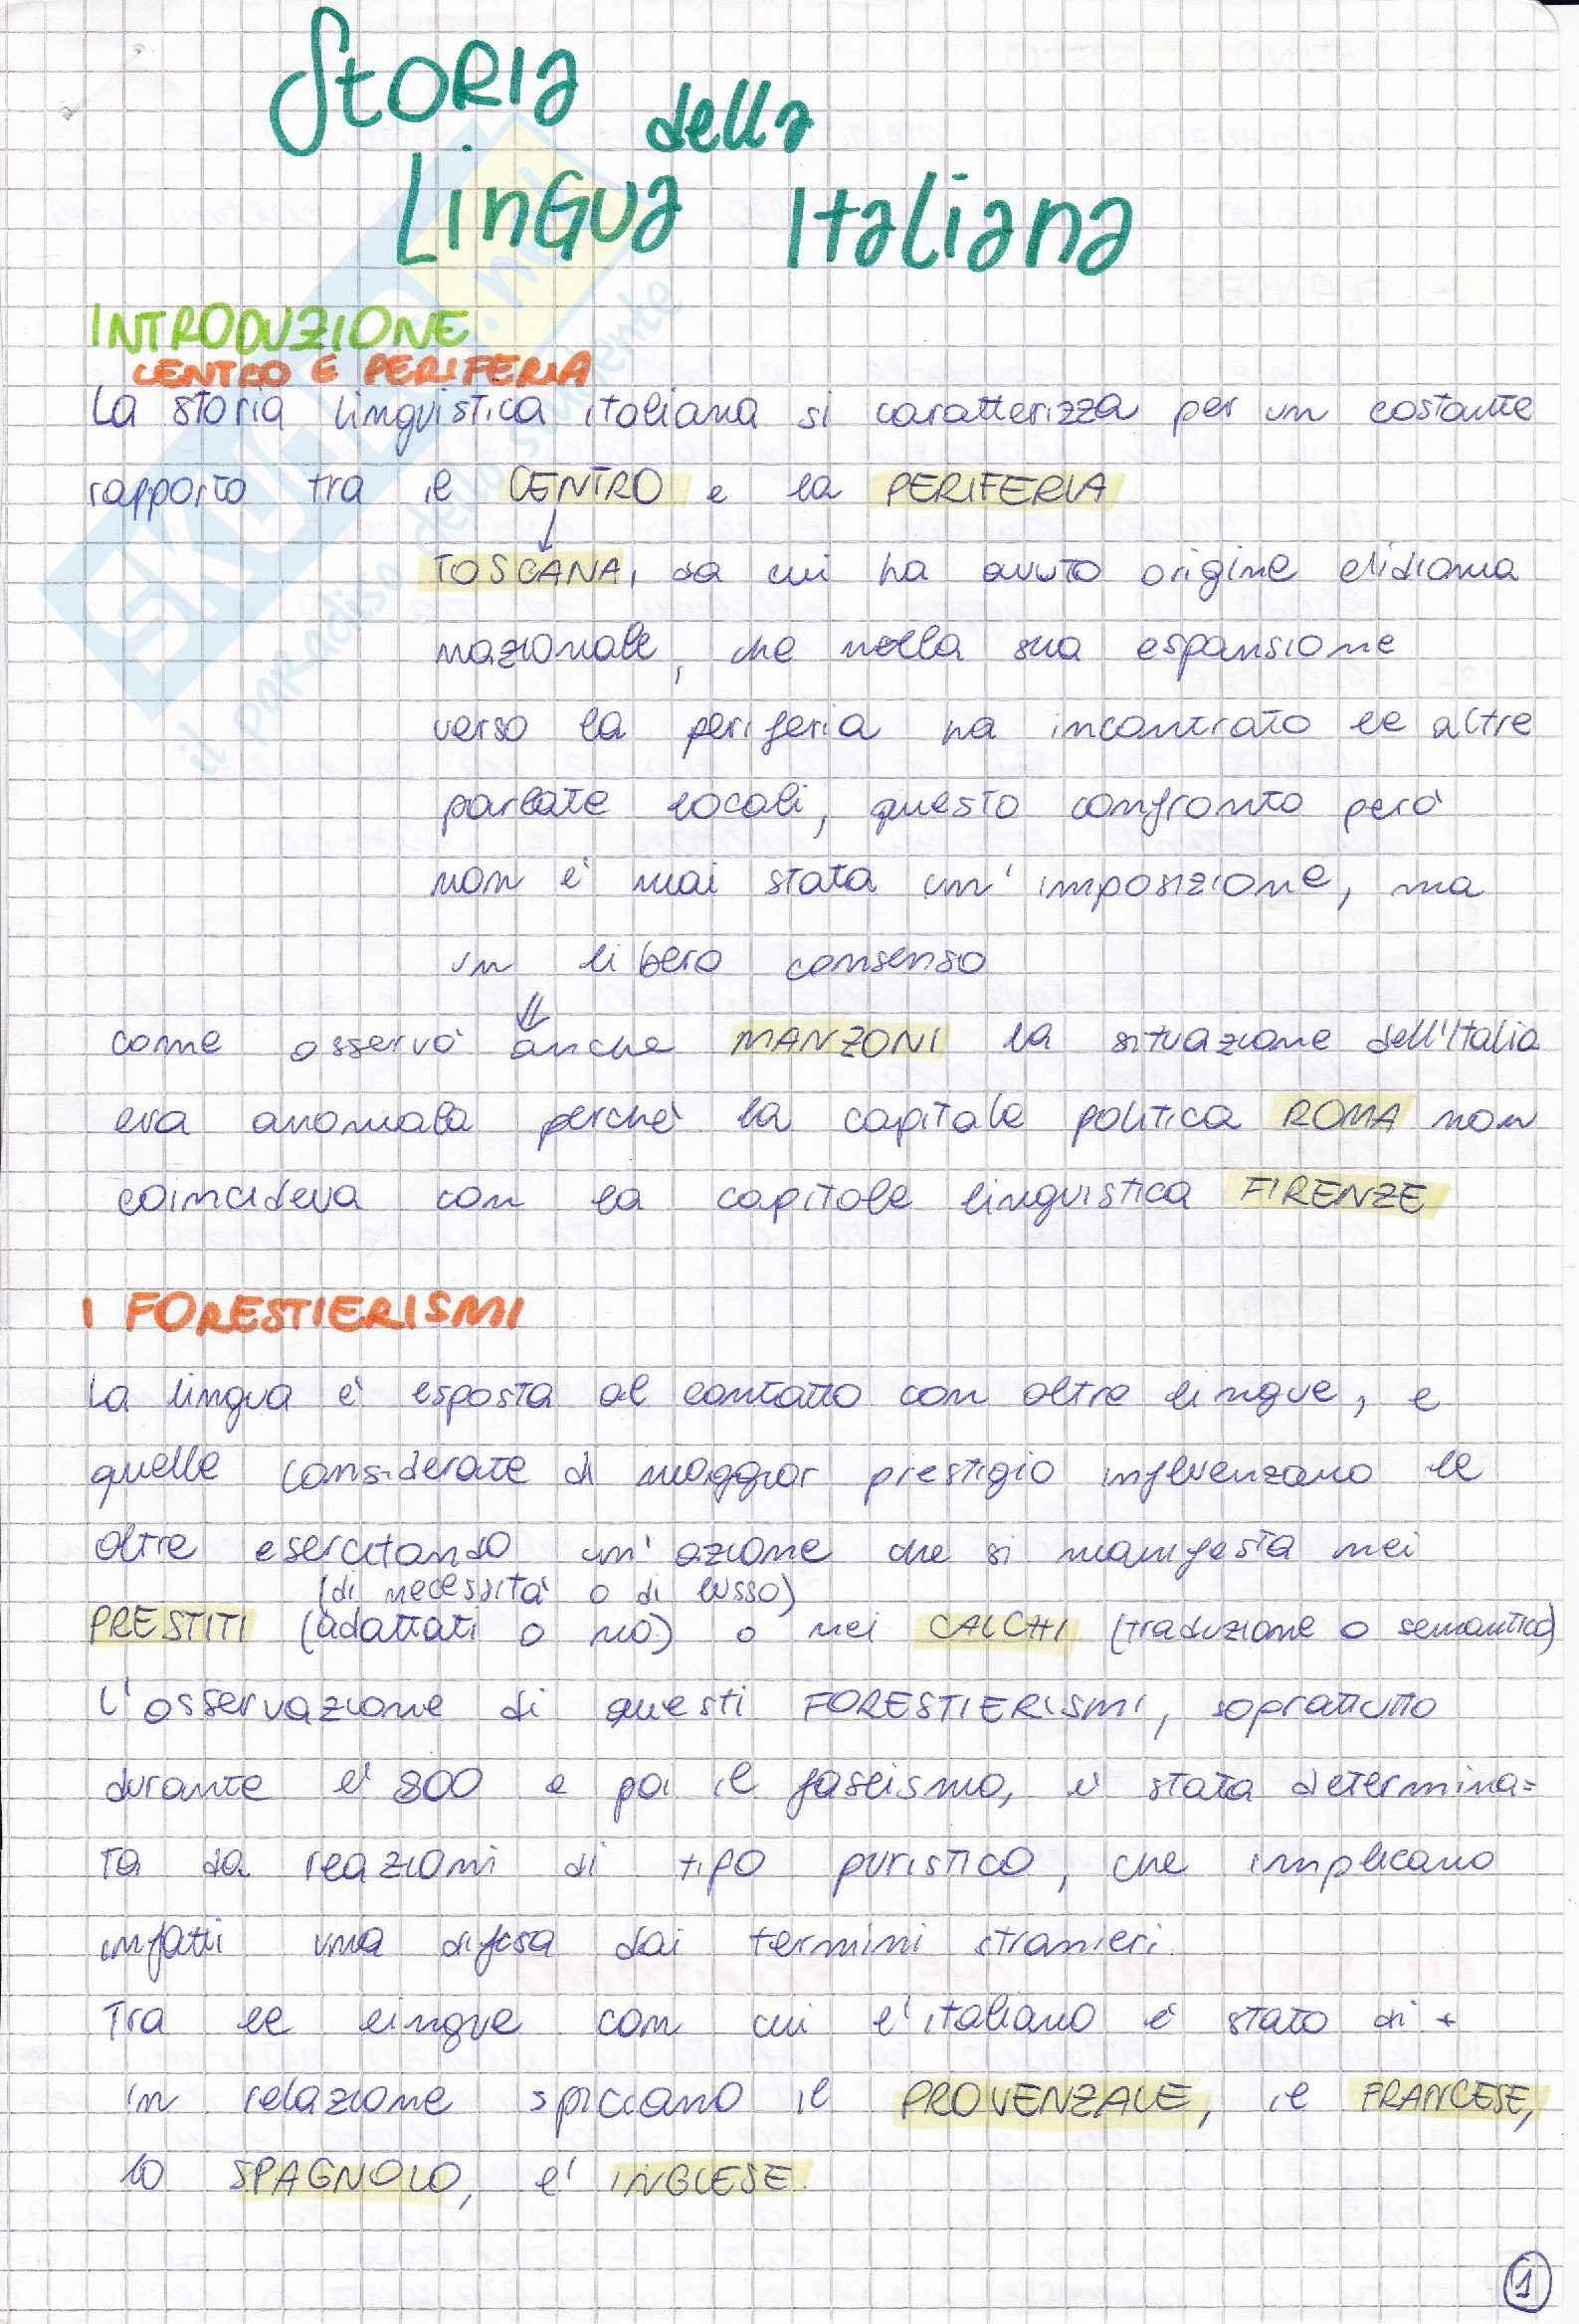 Riassunto esame Storia della lingua italiana, prof. Girardi, libro consigliato Breve storia della lingua italiana, Marazzini